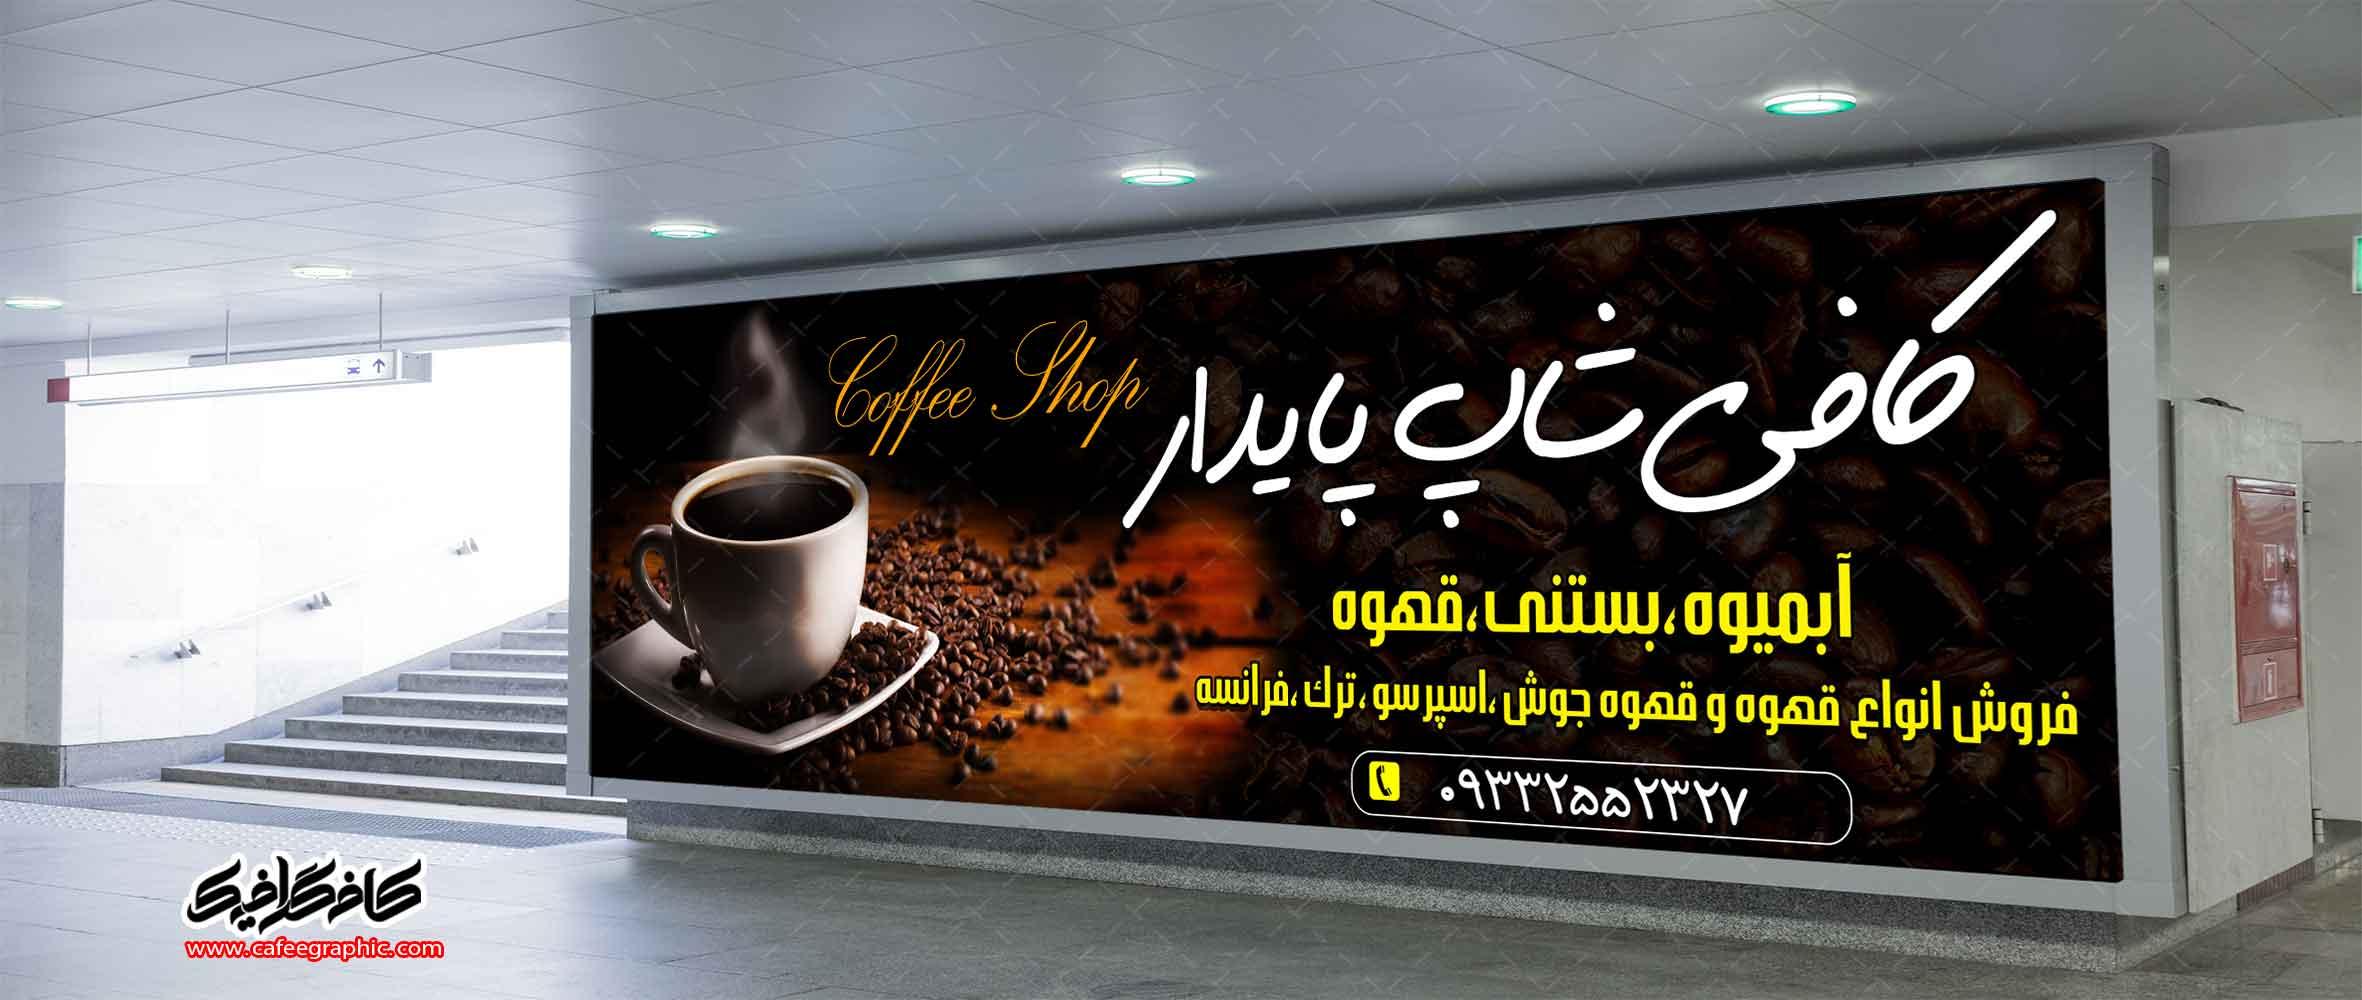 طرح کافی شاپ و قهوه فروشی کلاسیک ۳